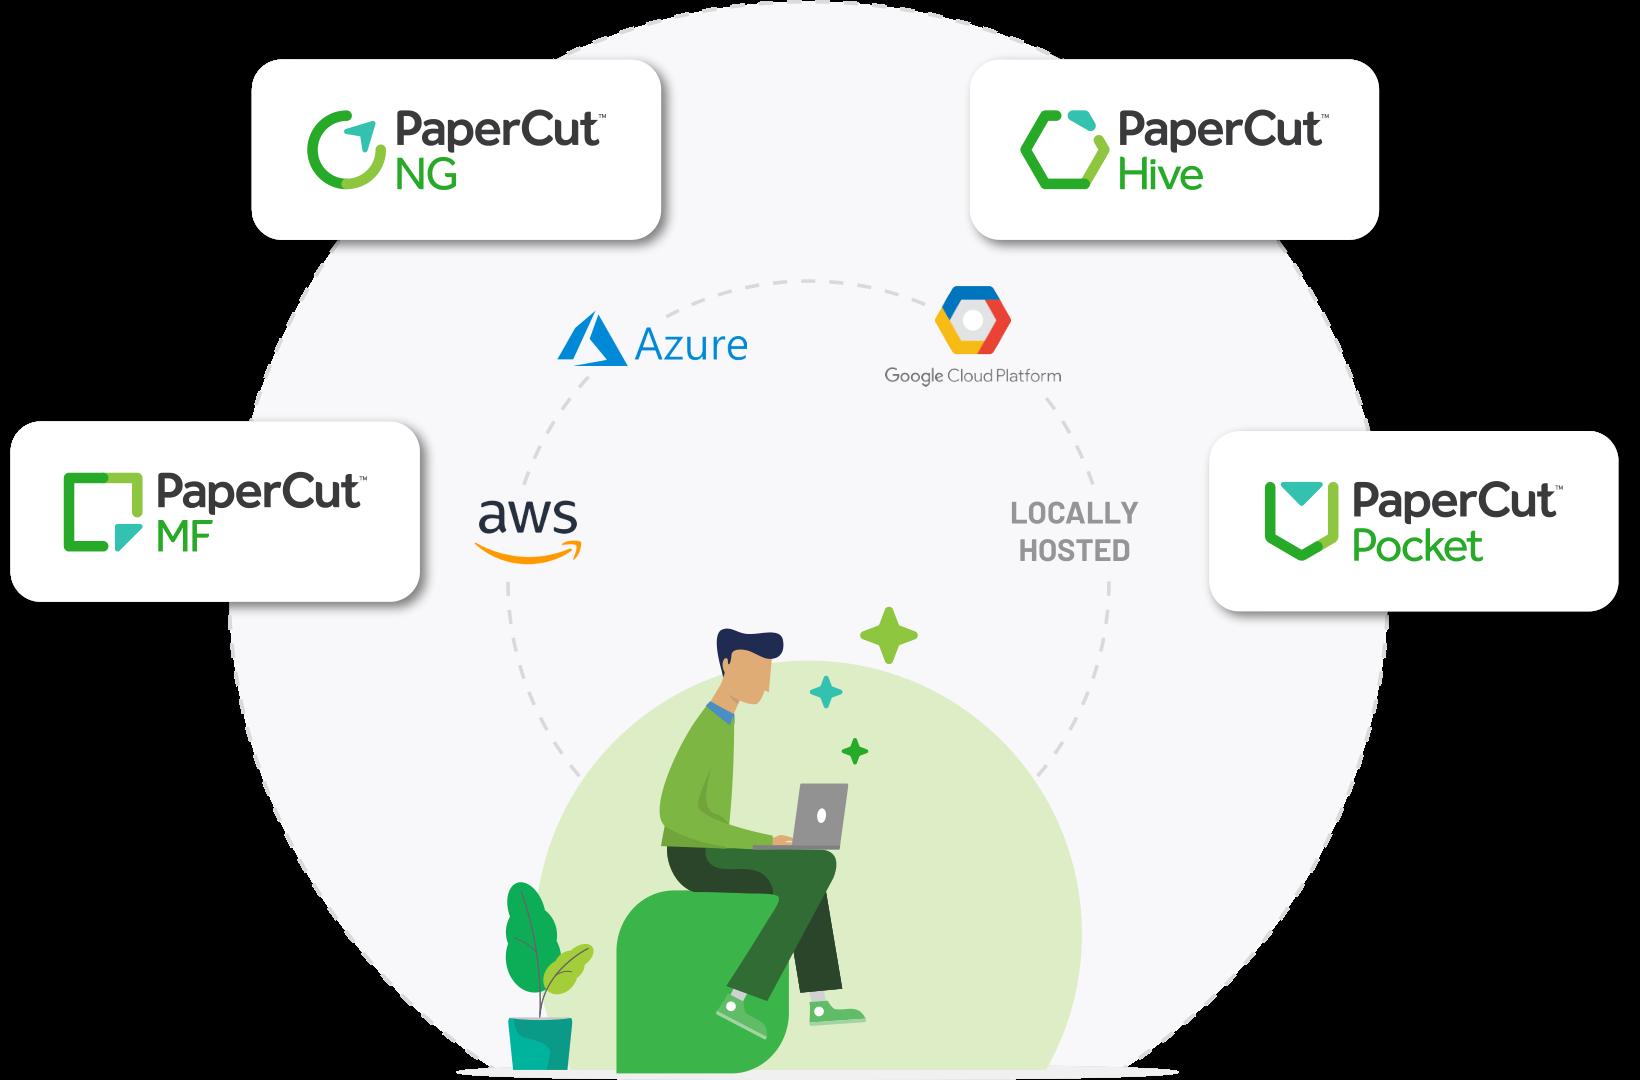 Cloud hosting options for PaperCut'